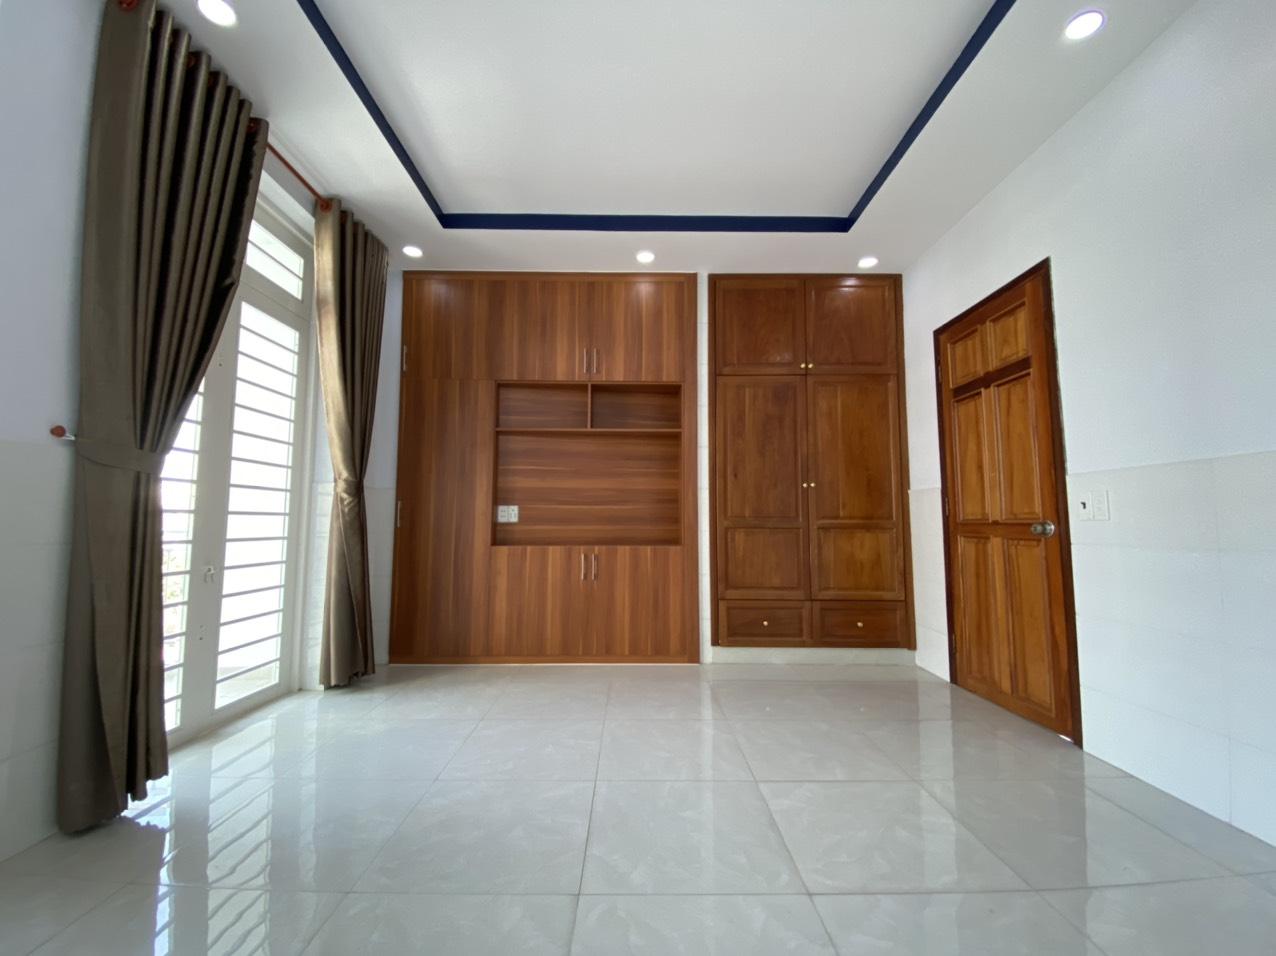 Bán nhà 2 lầu Đường số 12 Bình Hưng Hòa quận Bình Tân dưới 5 tỷ